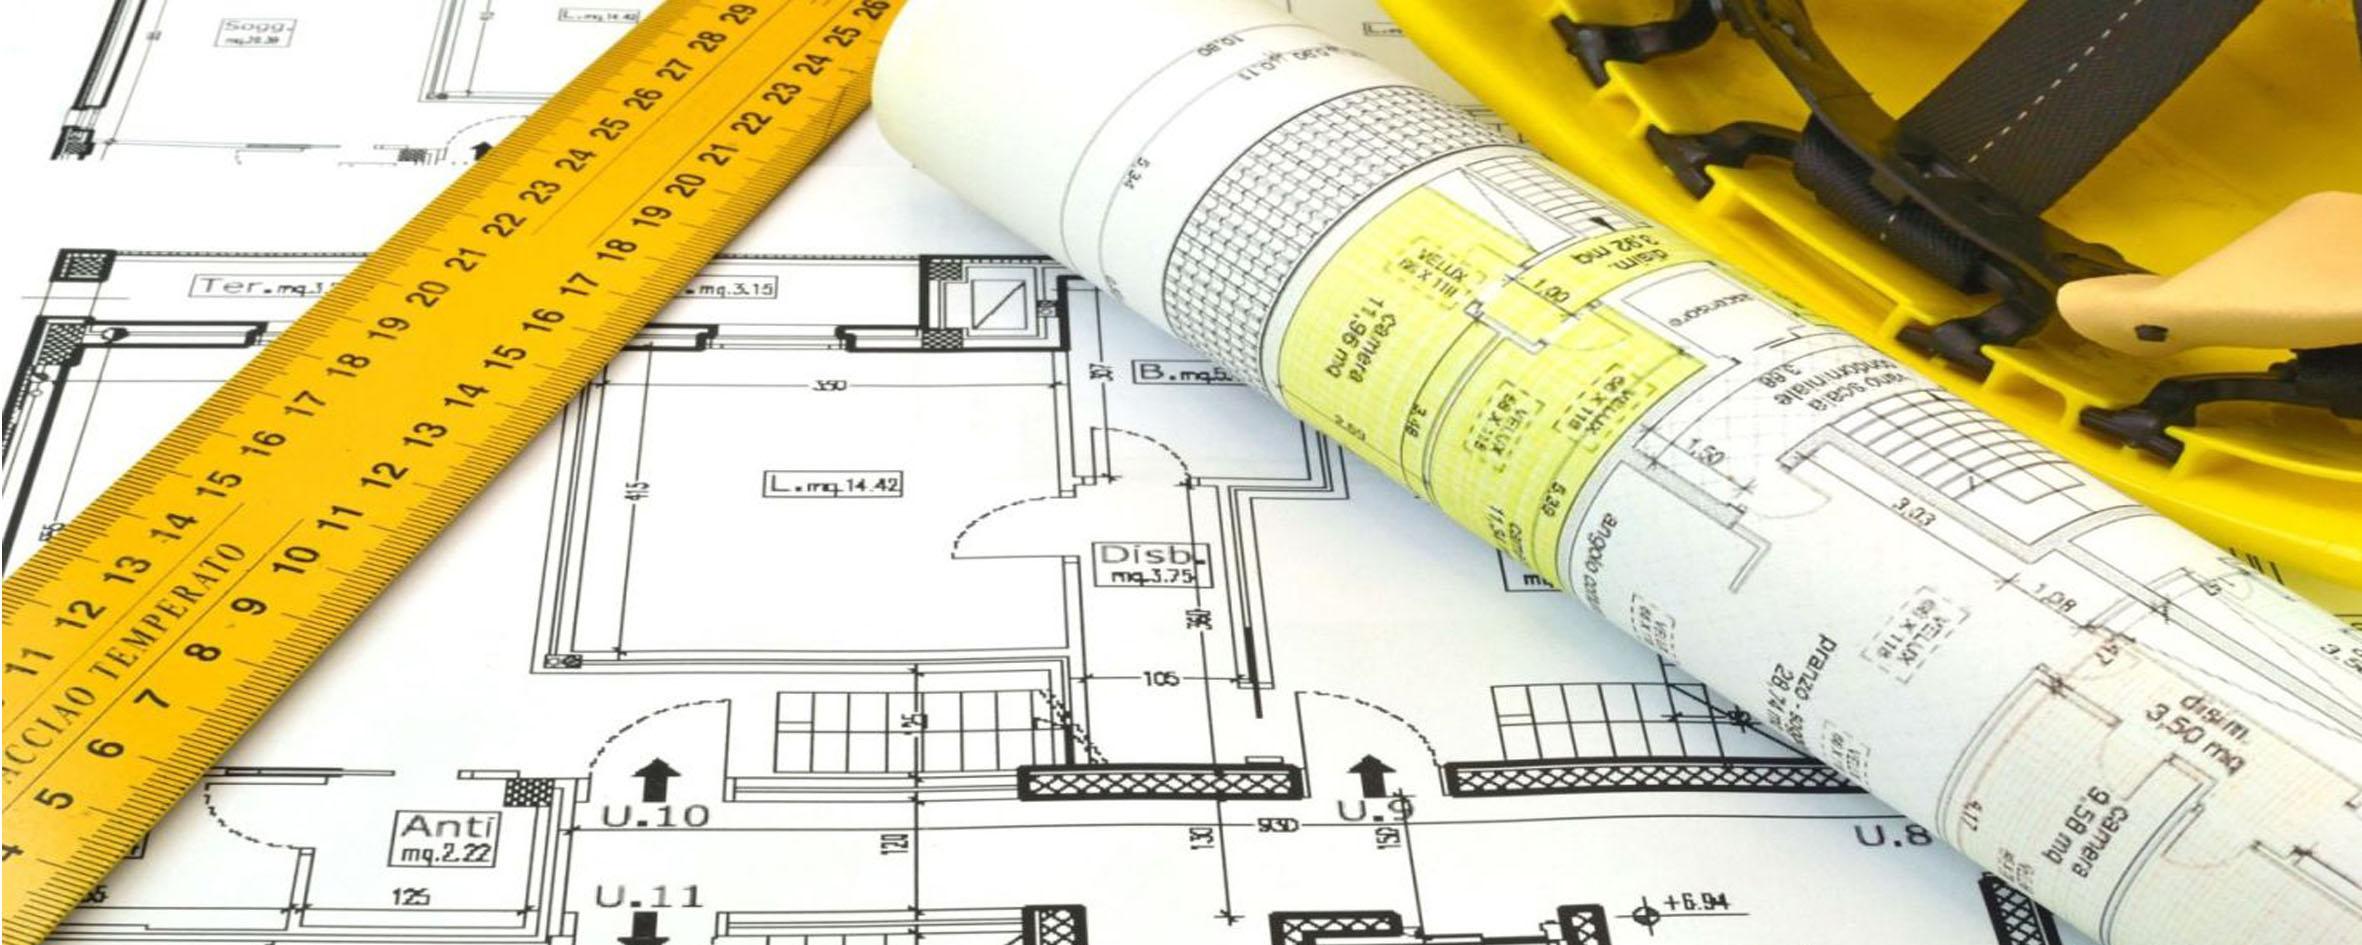 Progettare sono i proprietari di immobili ad effettuare nei prossimi mesi un intervento di sulla - Progettare la propria casa ...